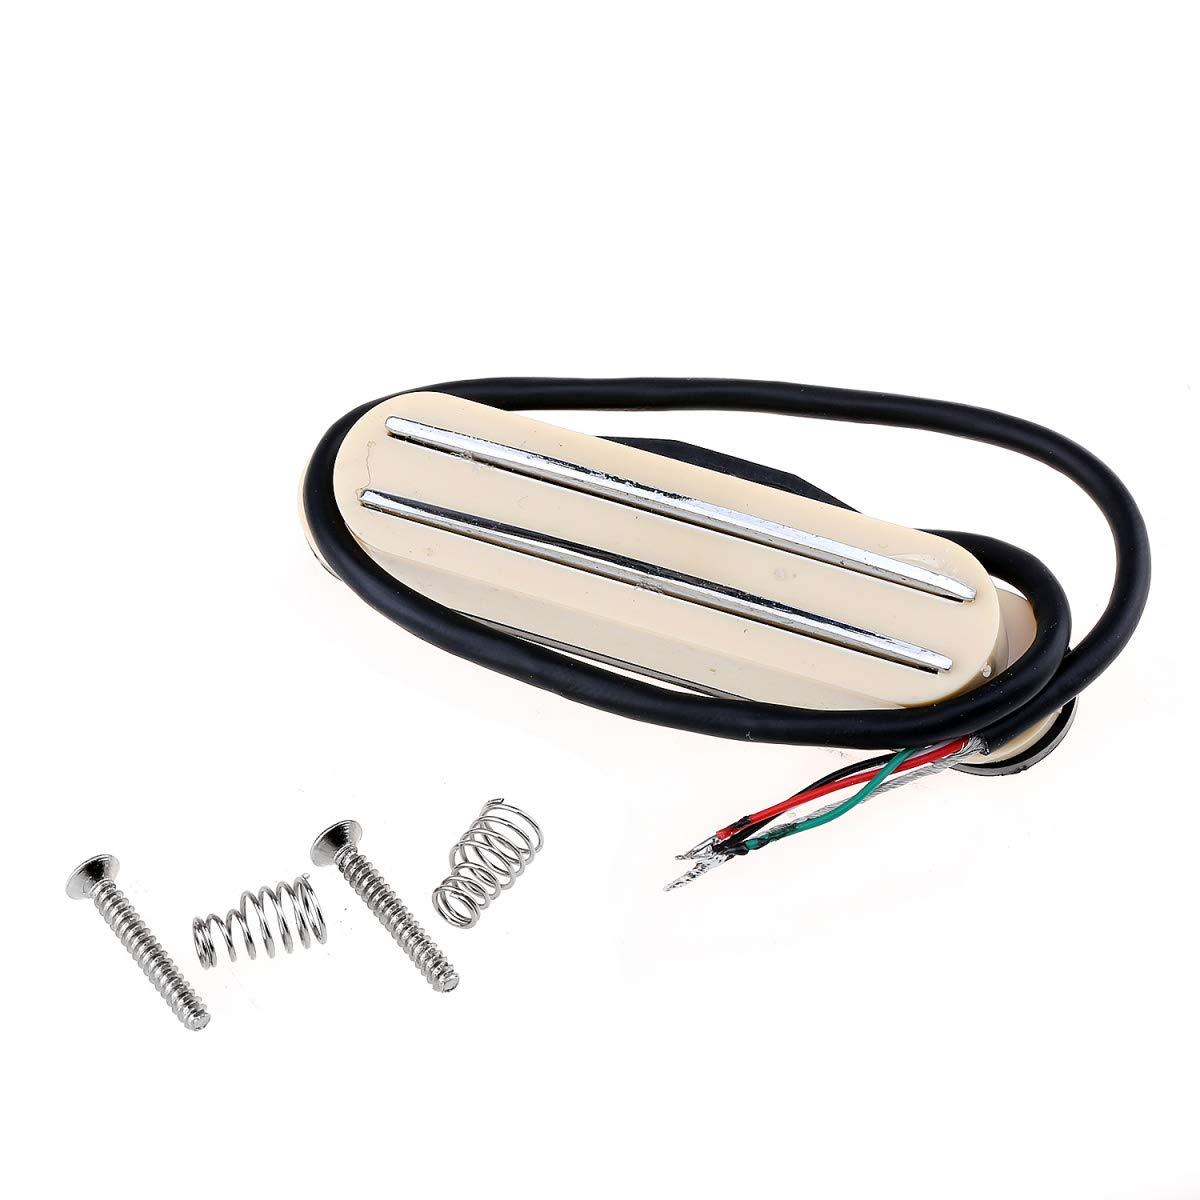 Thule 141751 Kit de Ajuste Personalizado para Montar Techo veh/ículos sin Puntos de conexi/ón para portaequipajes ni Barras de Serie